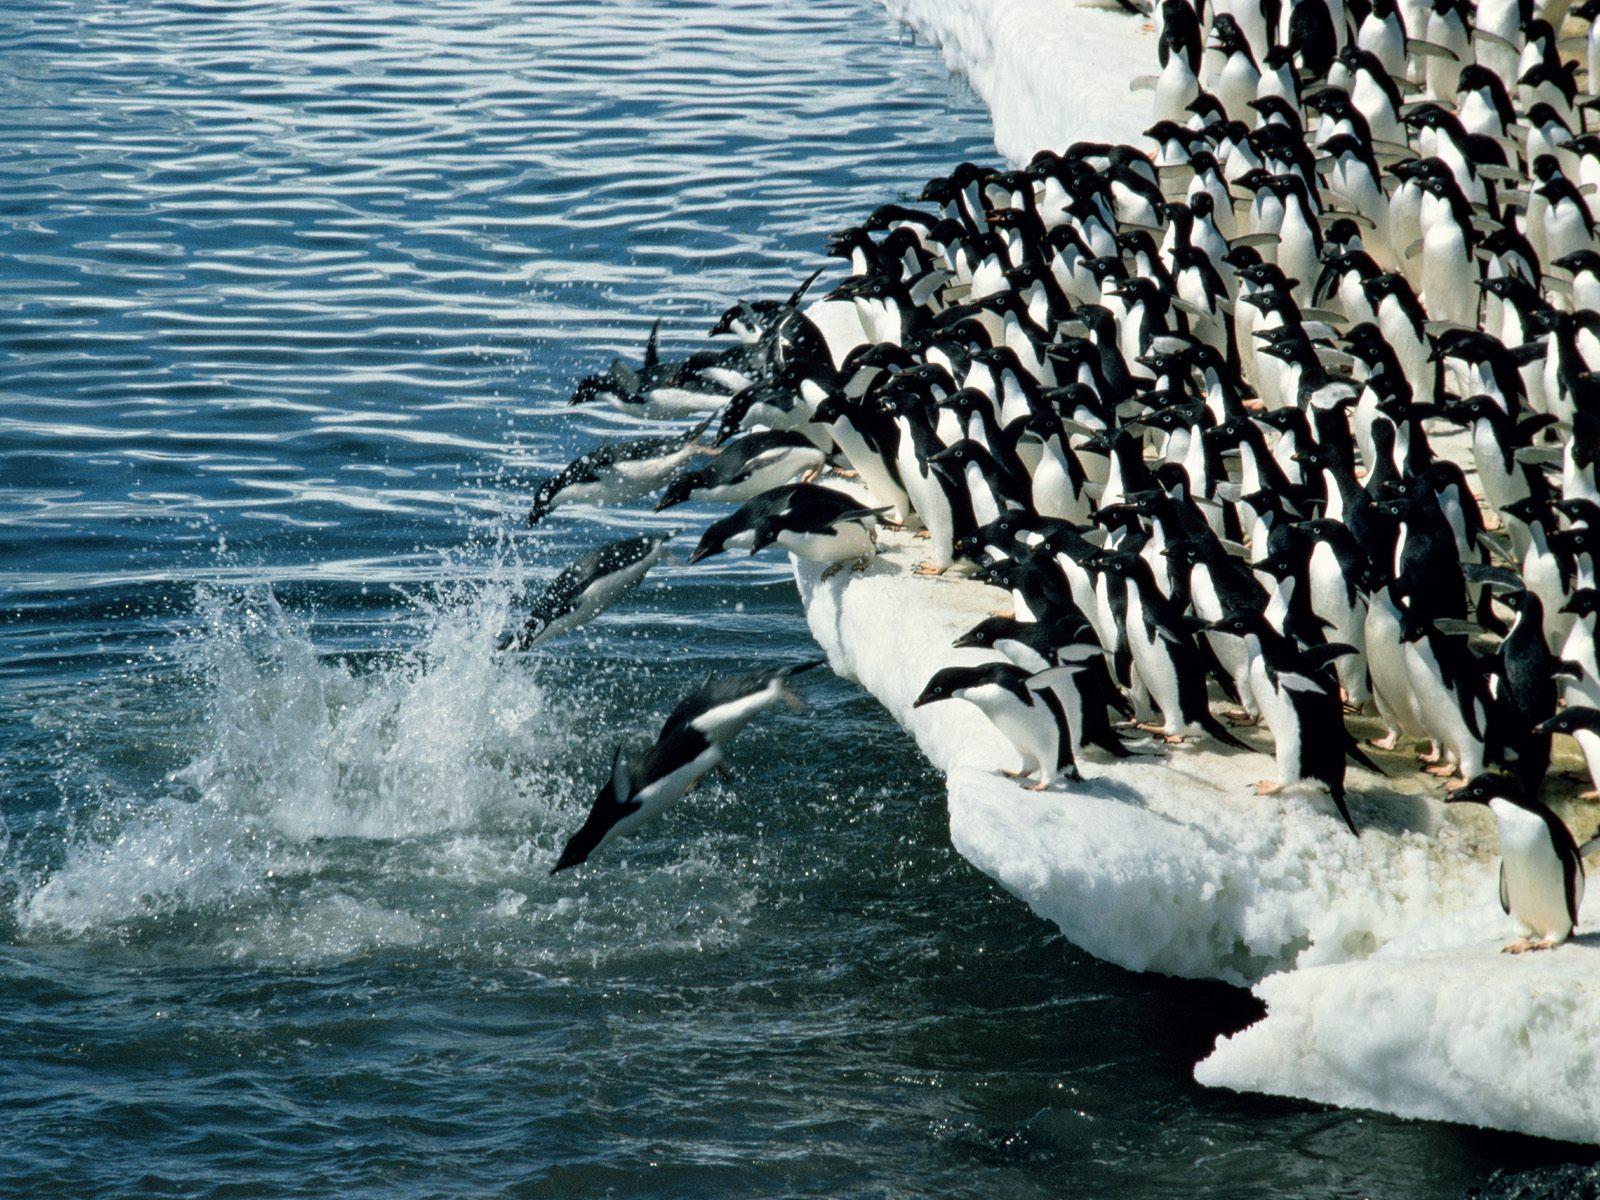 http://4.bp.blogspot.com/-acix04xtyVQ/T_5OcFIZxxI/AAAAAAAAGTk/FFMgrAppvJE/s1600/penguin+wallpaper+hd-6.jpg